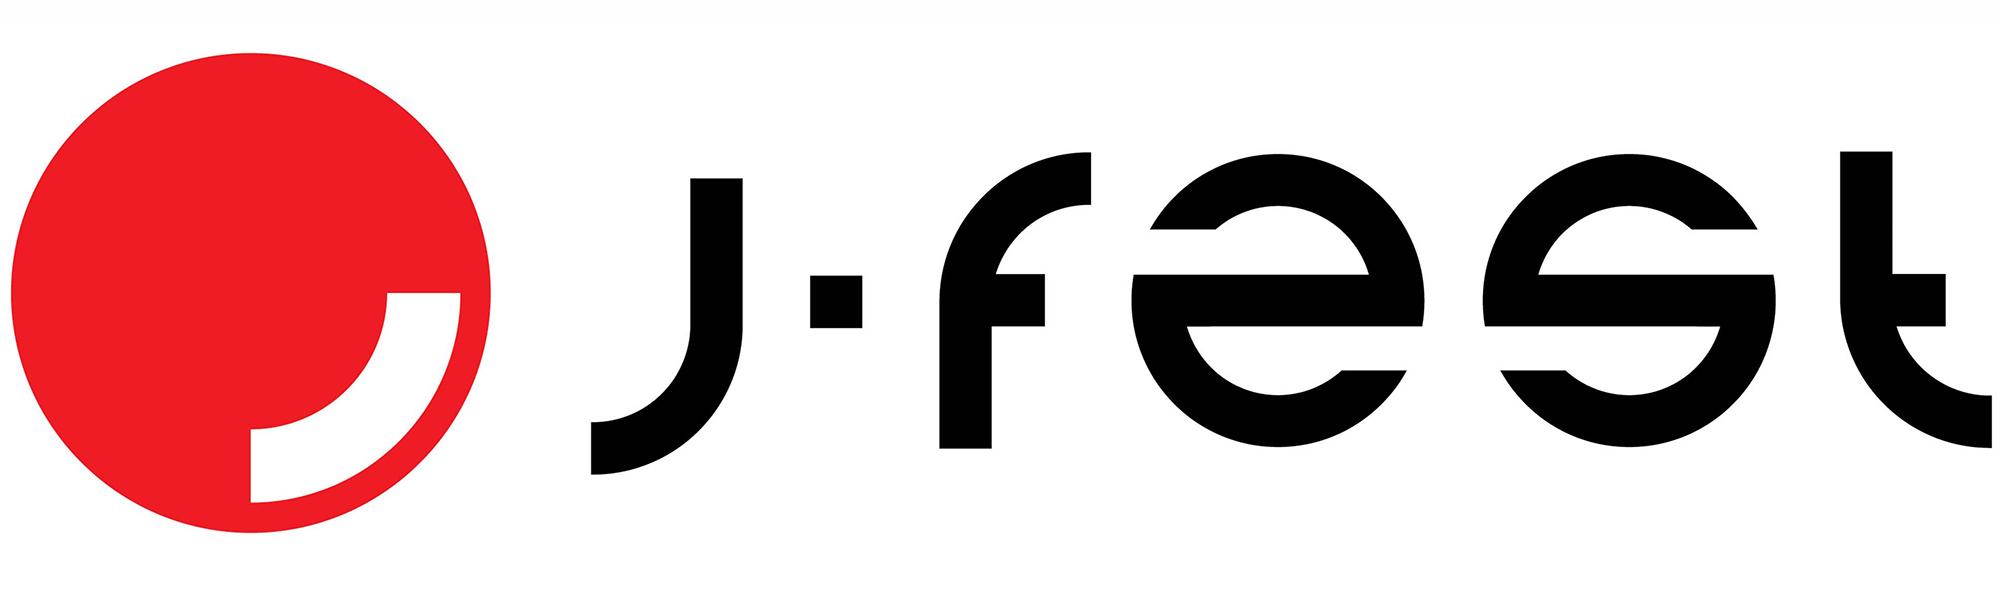 JFEST_logo2021-01